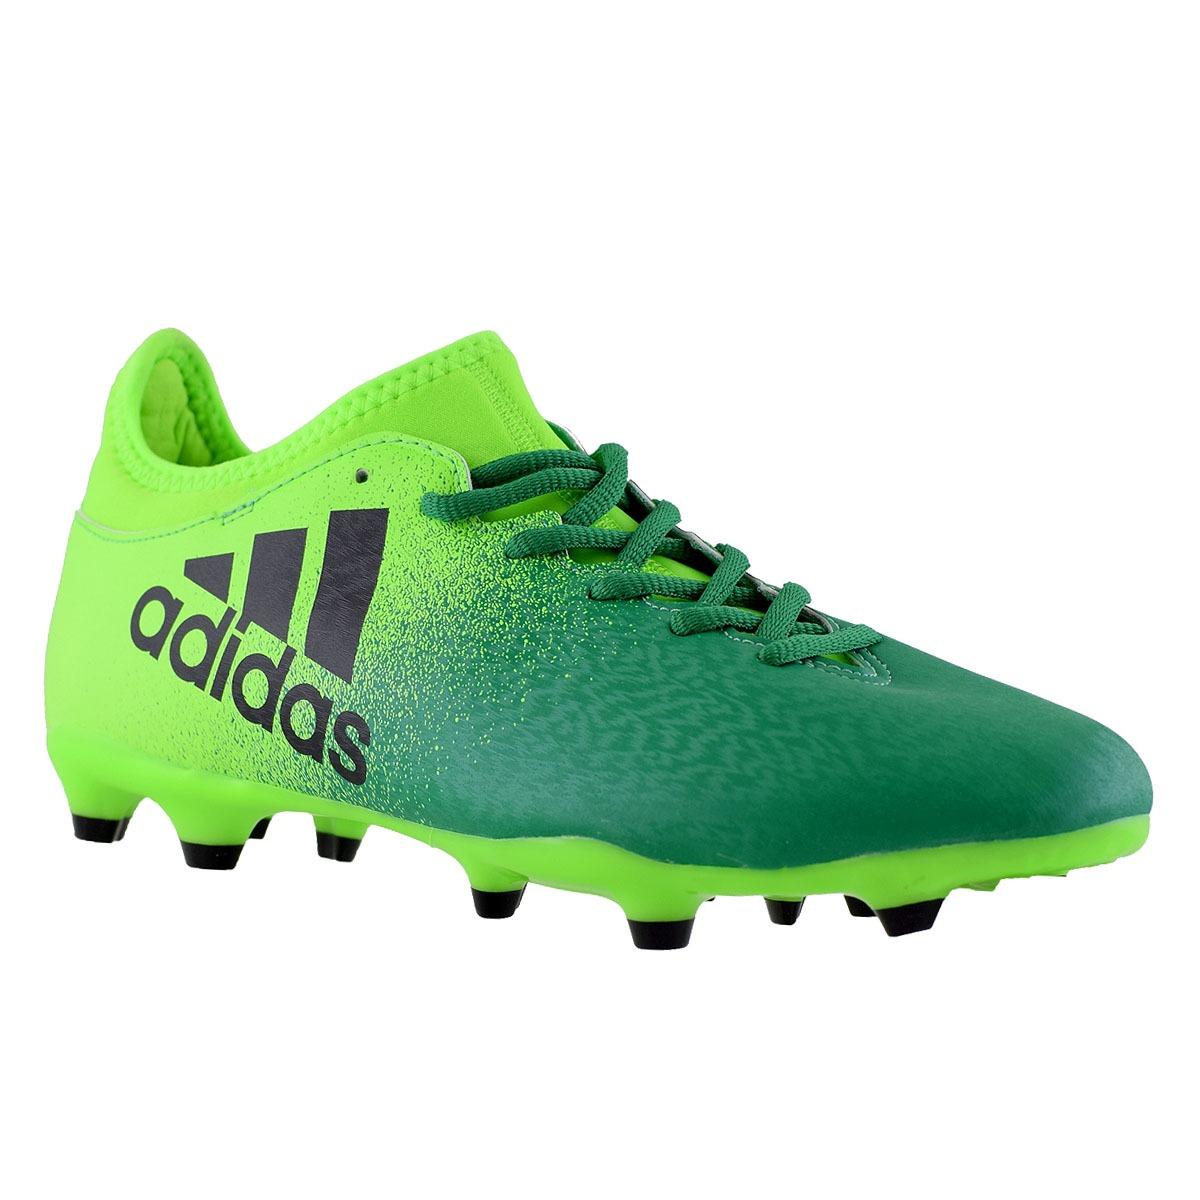 Botines adidas X 16.3 Suelo Firme Hombre Verde -   1.800 29f4e7a9b845b